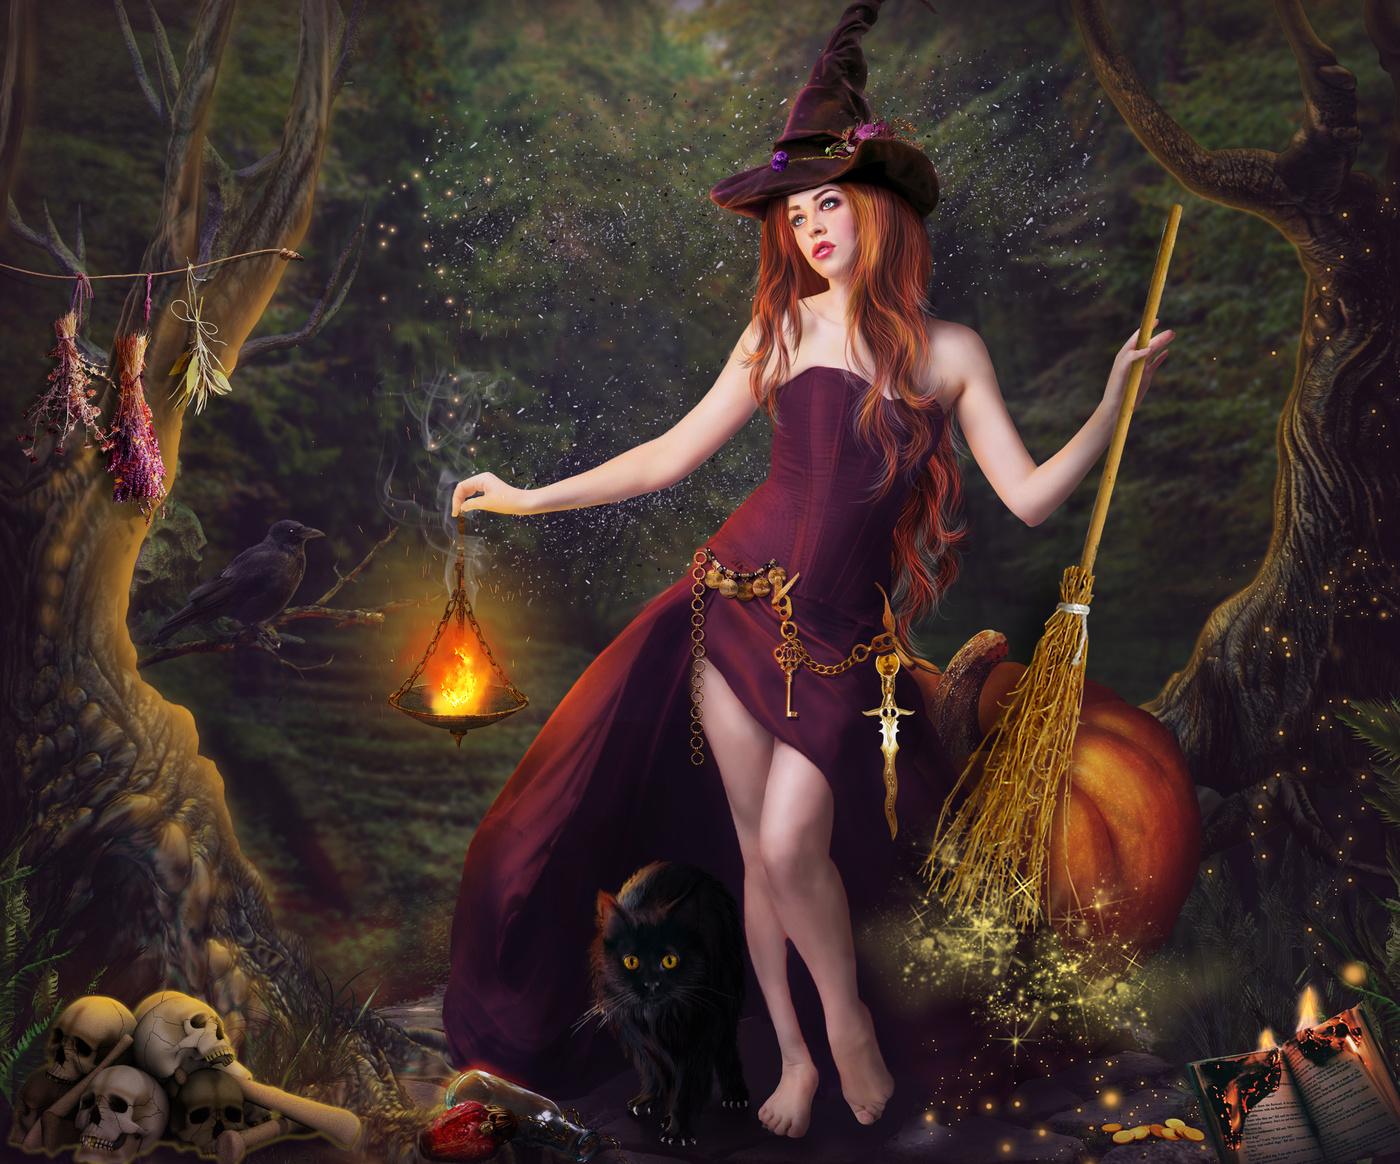 этом фото с ведьмами красивые данной категории